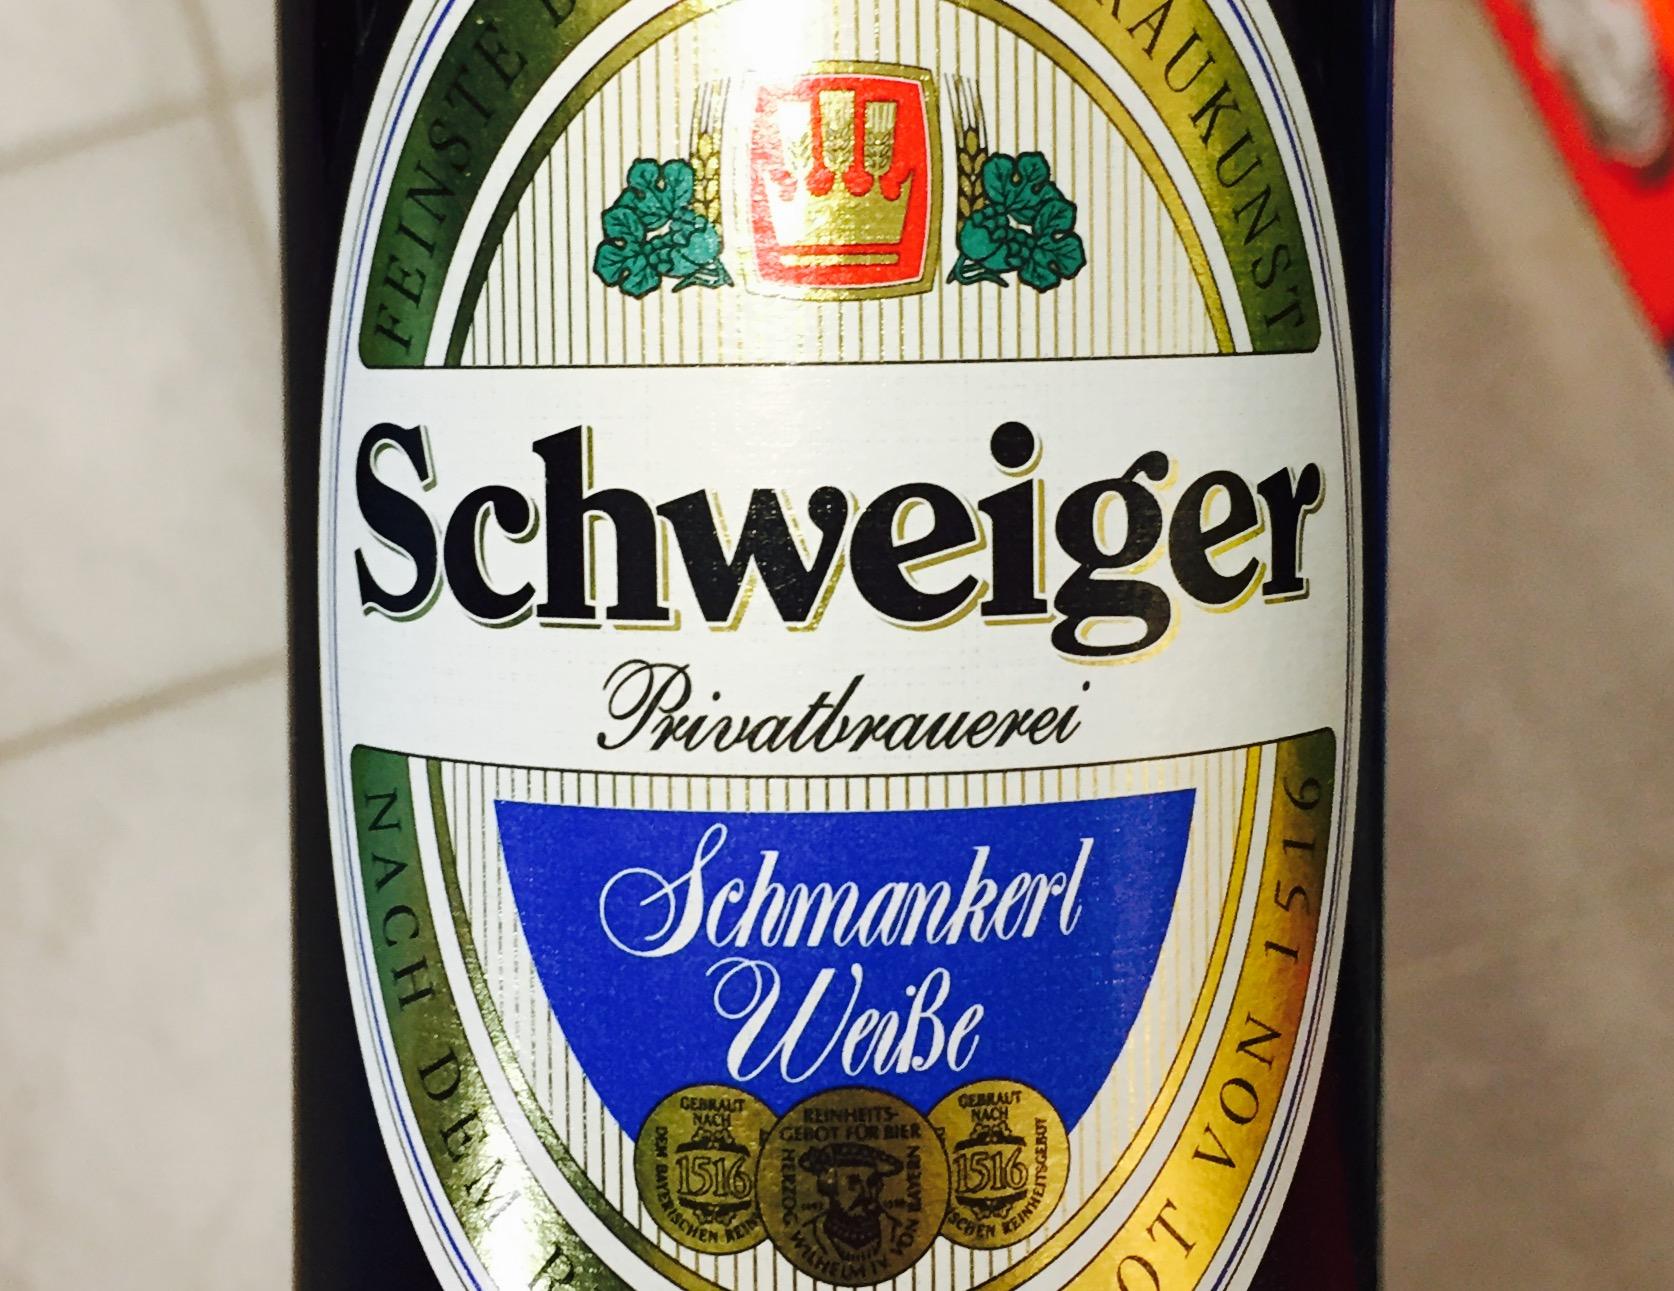 Schweiger - Schmankerl Weisse